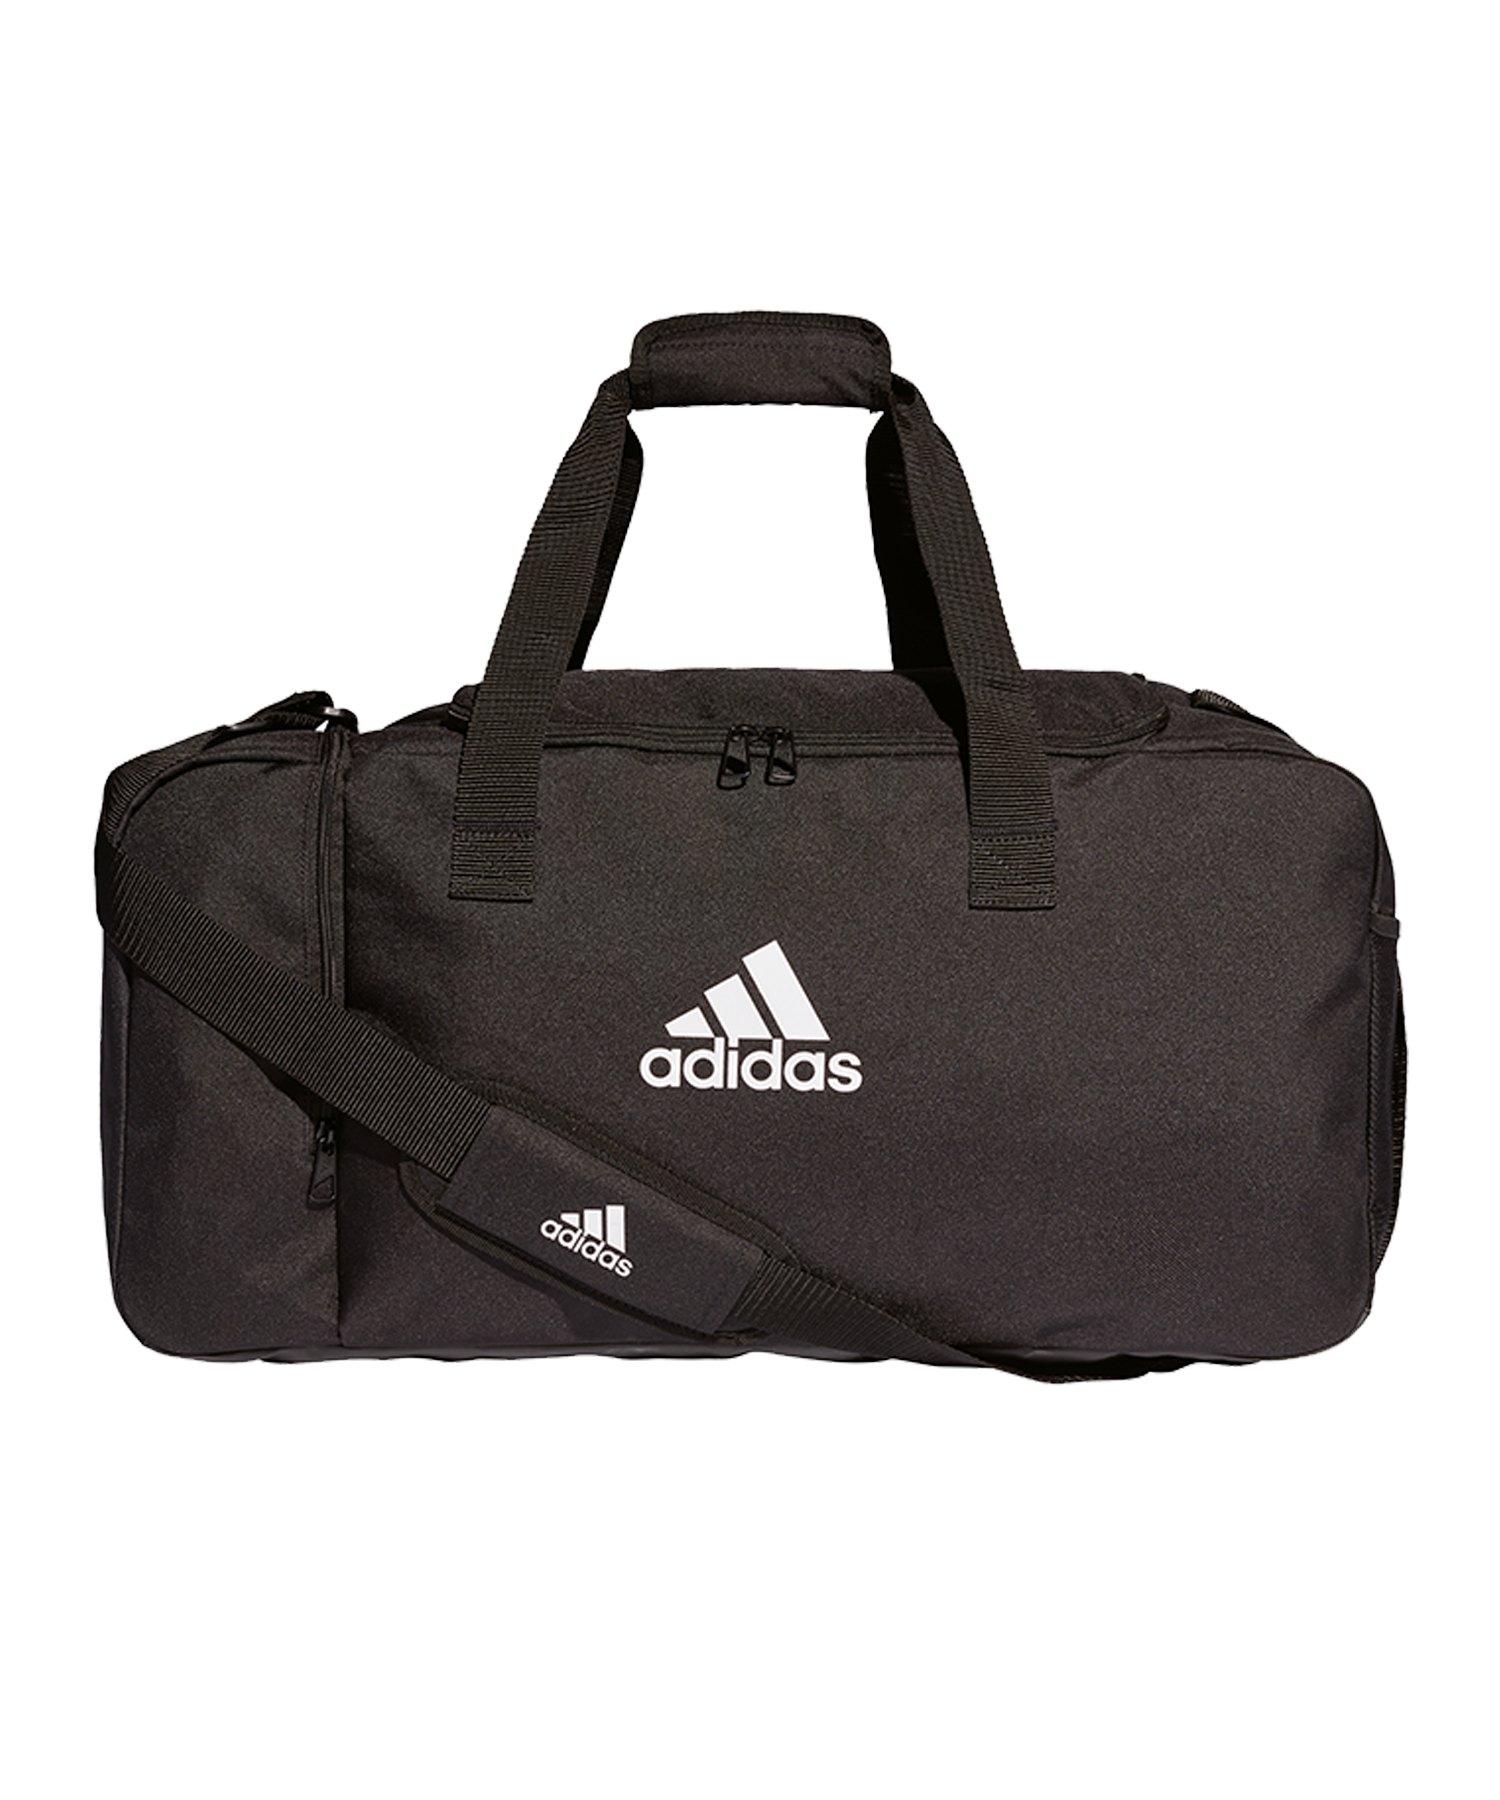 adidas Tiro Duffel Bag Gr. M Schwarz Weiss - schwarz